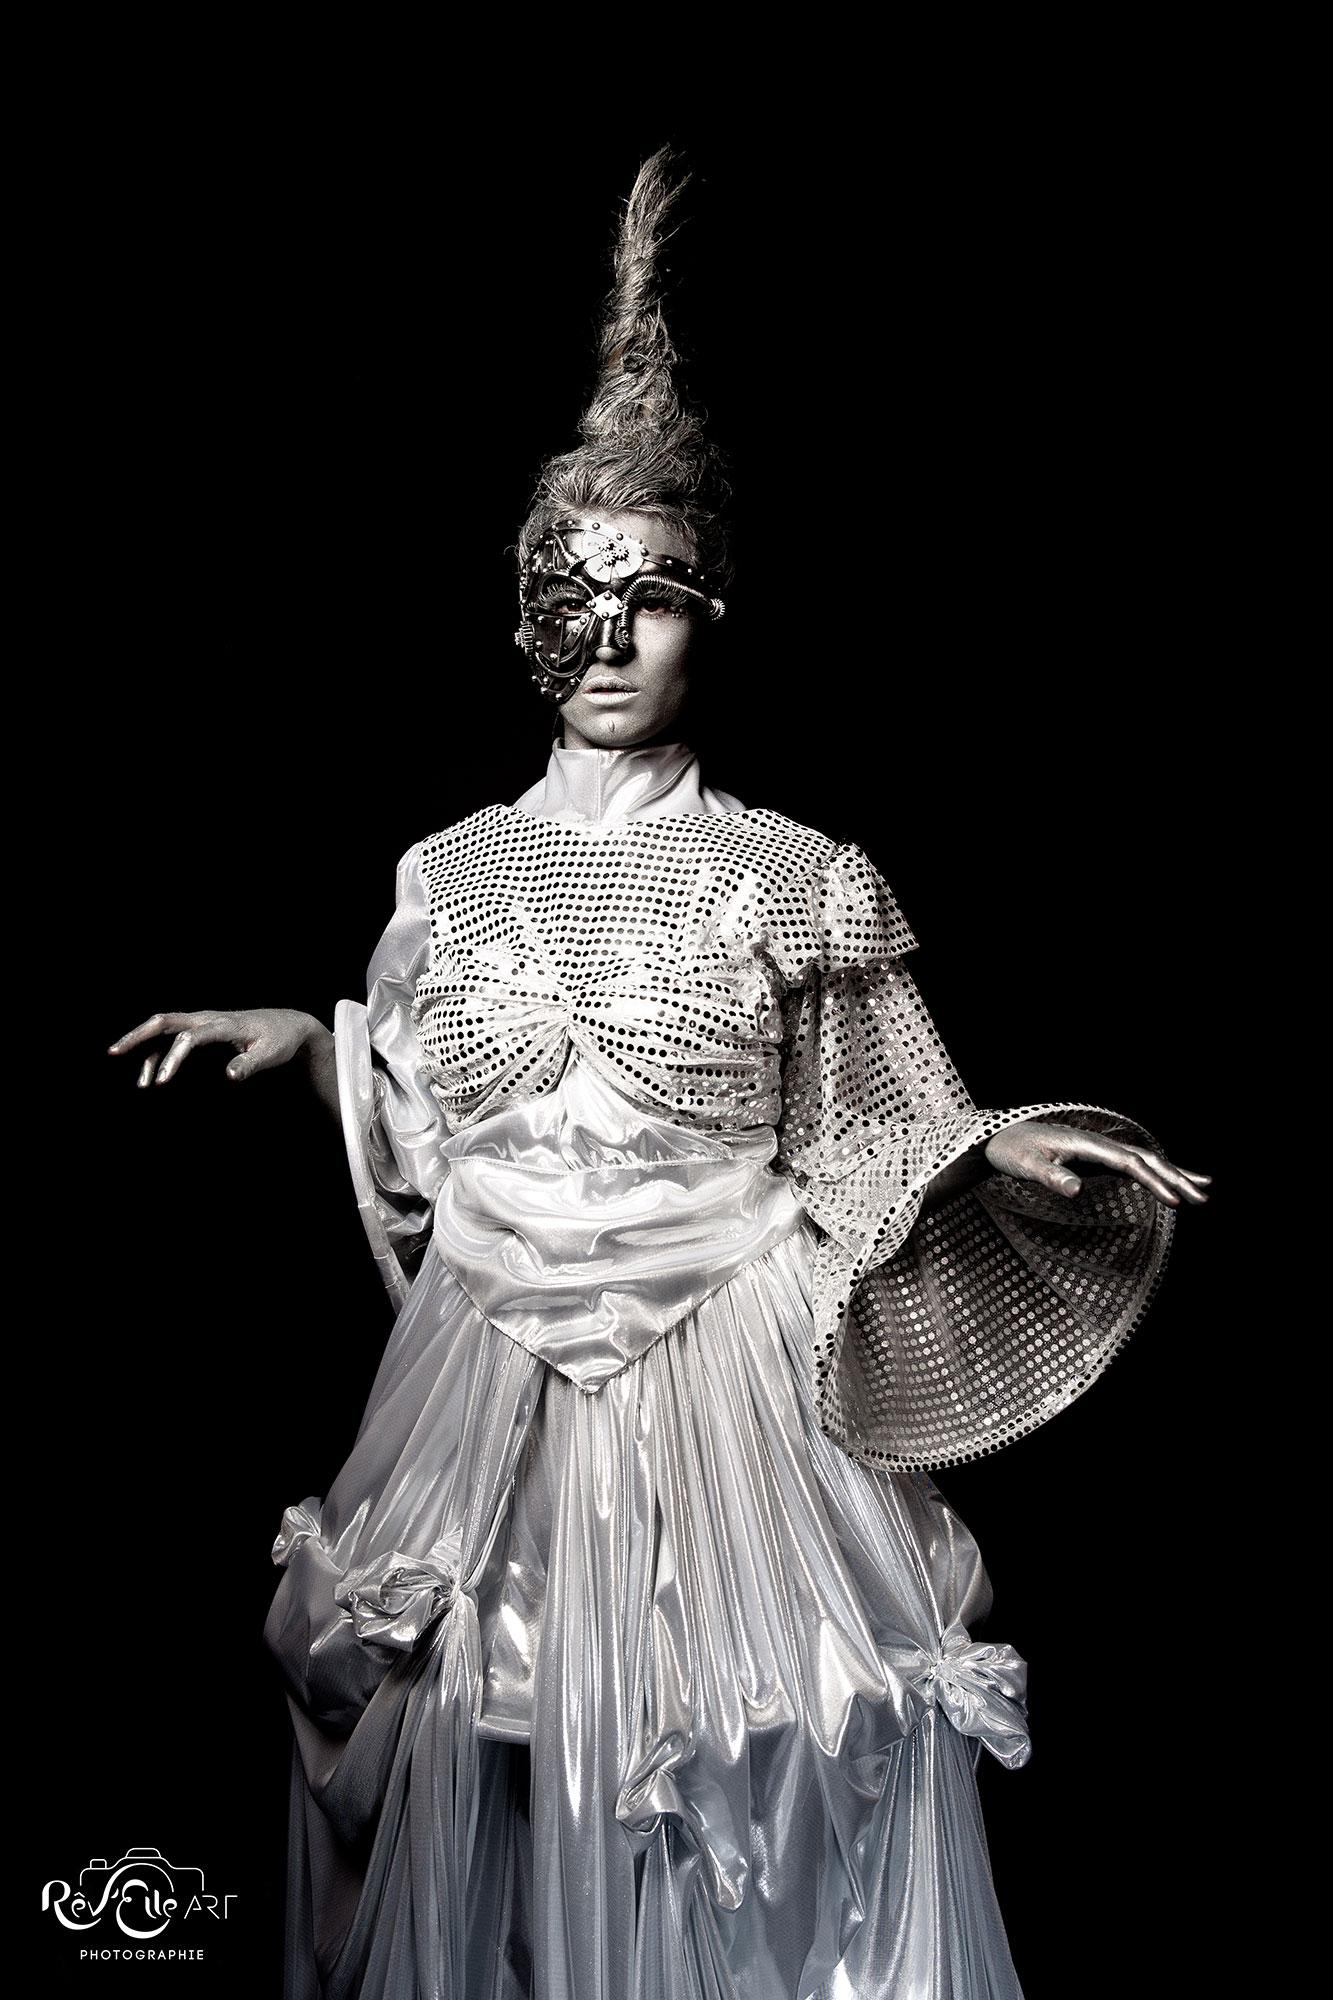 Création originale - La robe de mariée du futur